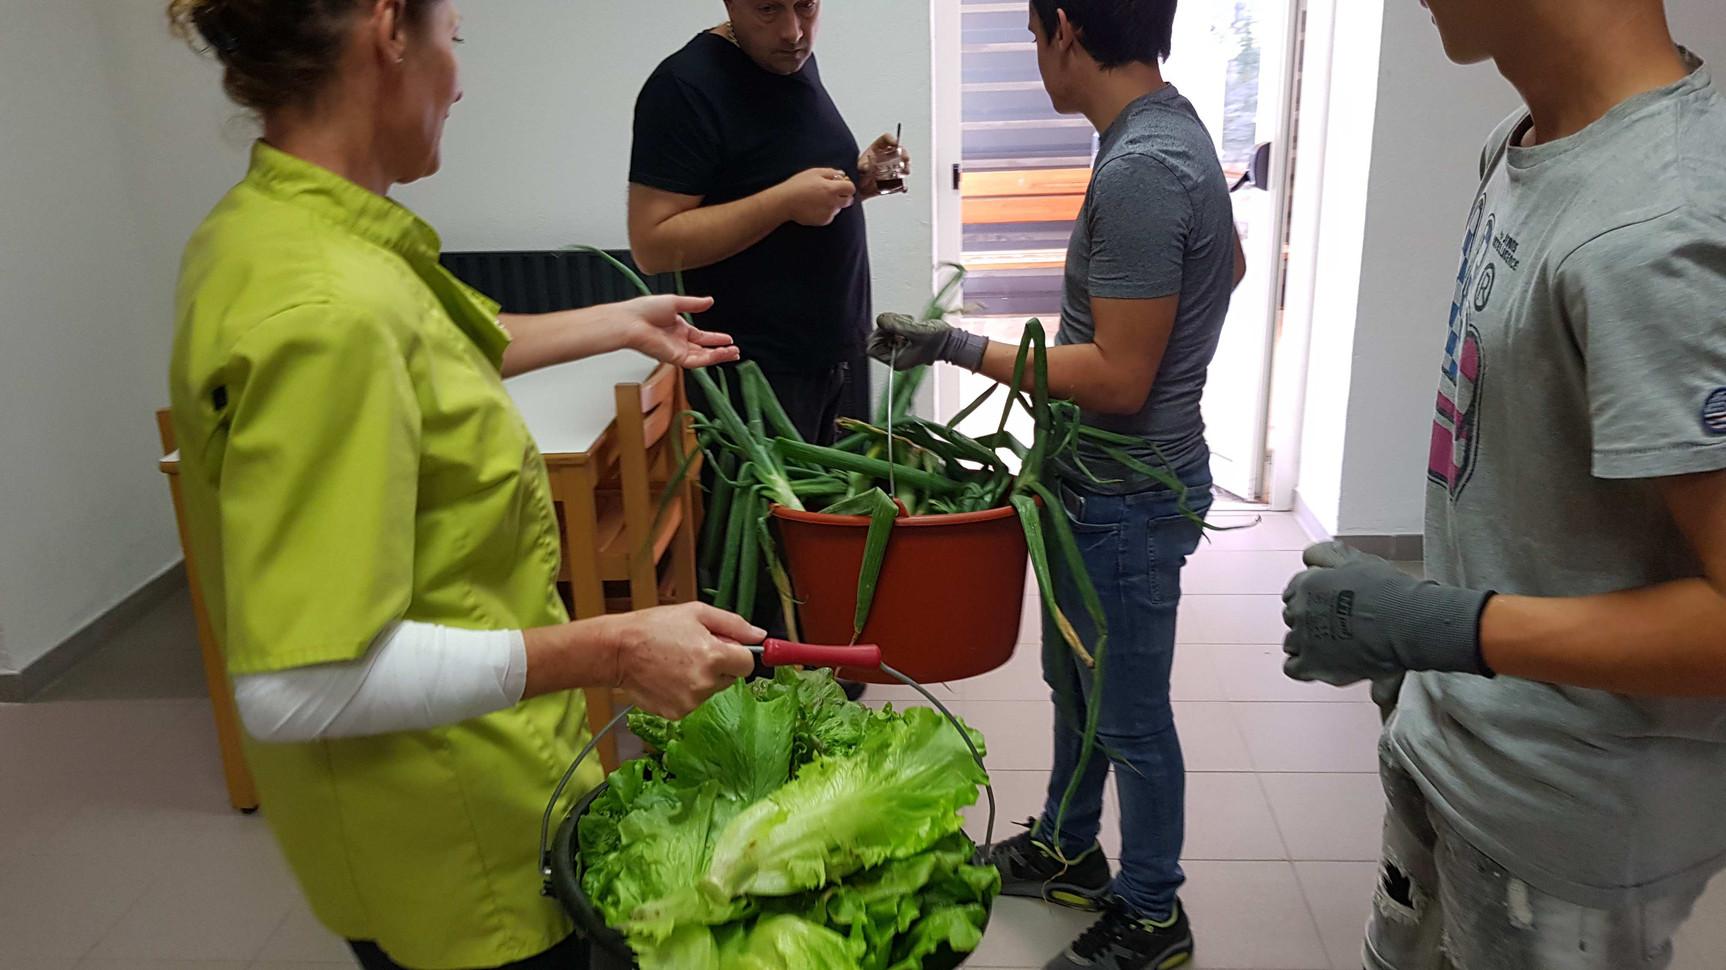 Reception en cuisine par le Chef lui même! attentif à la qualité des légumes....